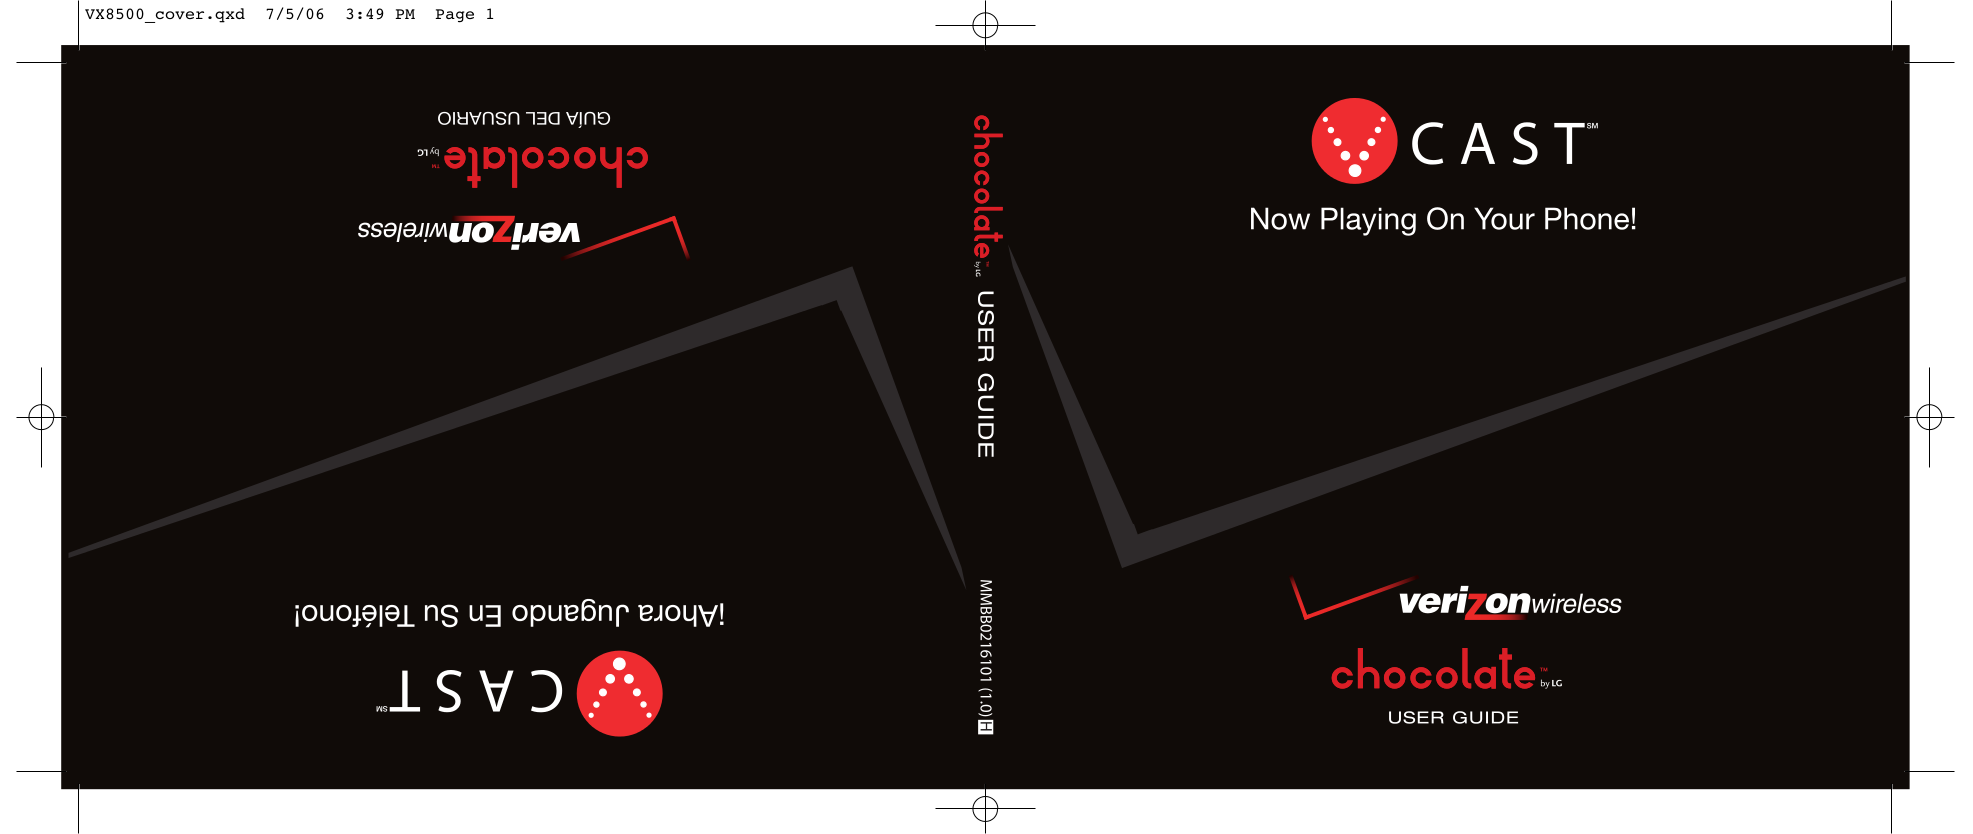 download free pdf for lg chocolate 2 cell phone manual rh umlib com LG Owner's Manual LG User Manual Guide